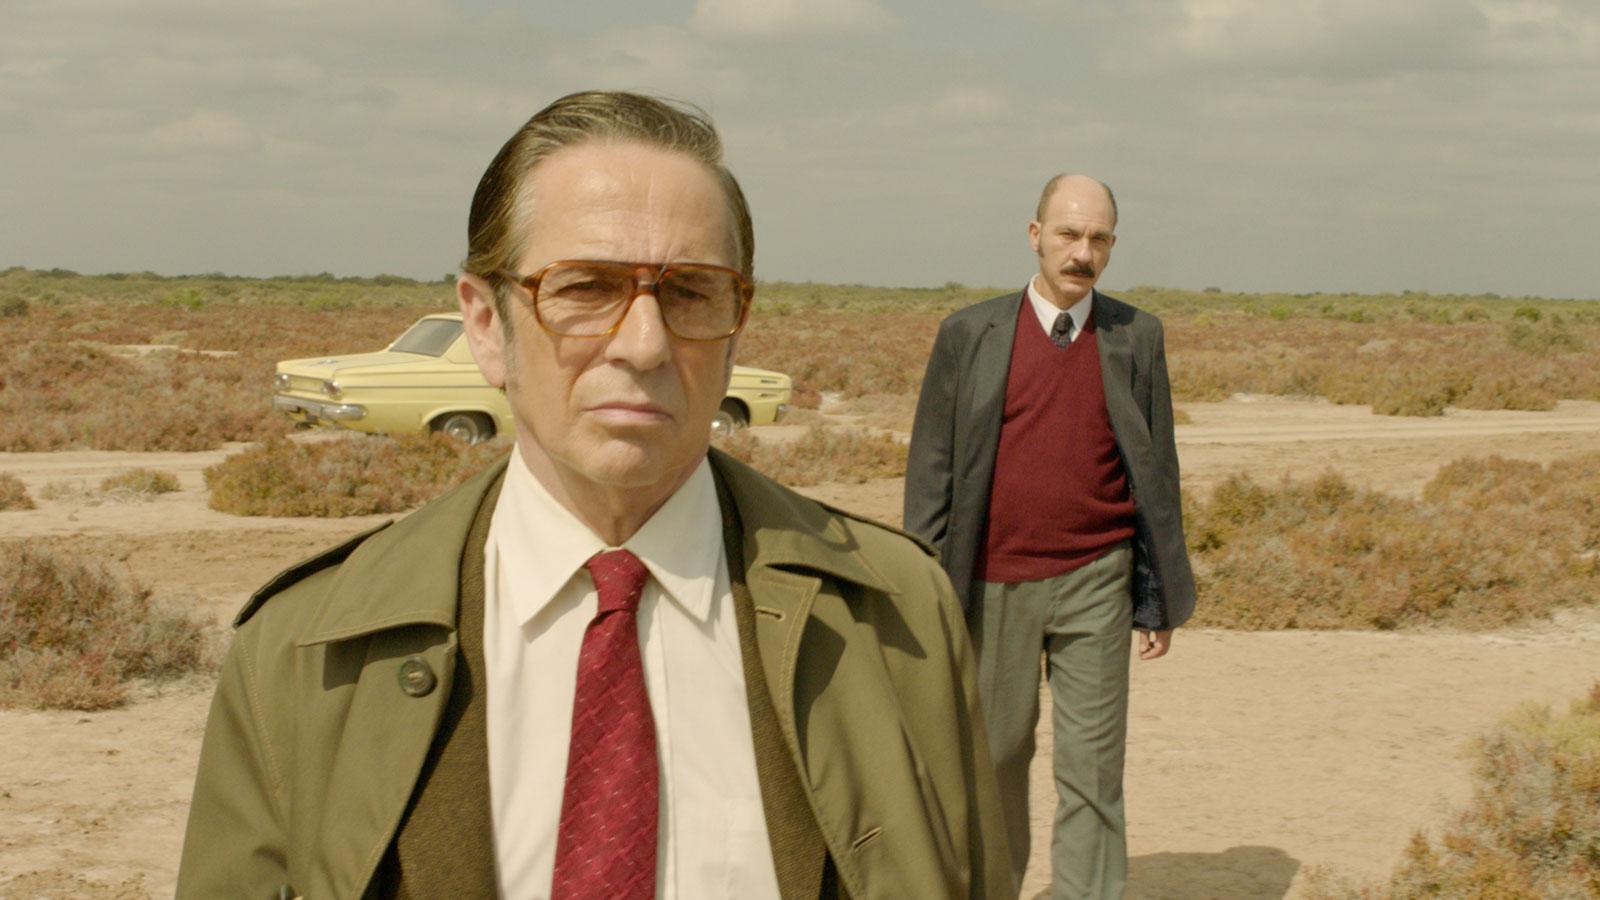 Darío Grandinetti and Alfredo Castro in Rojo (2018)